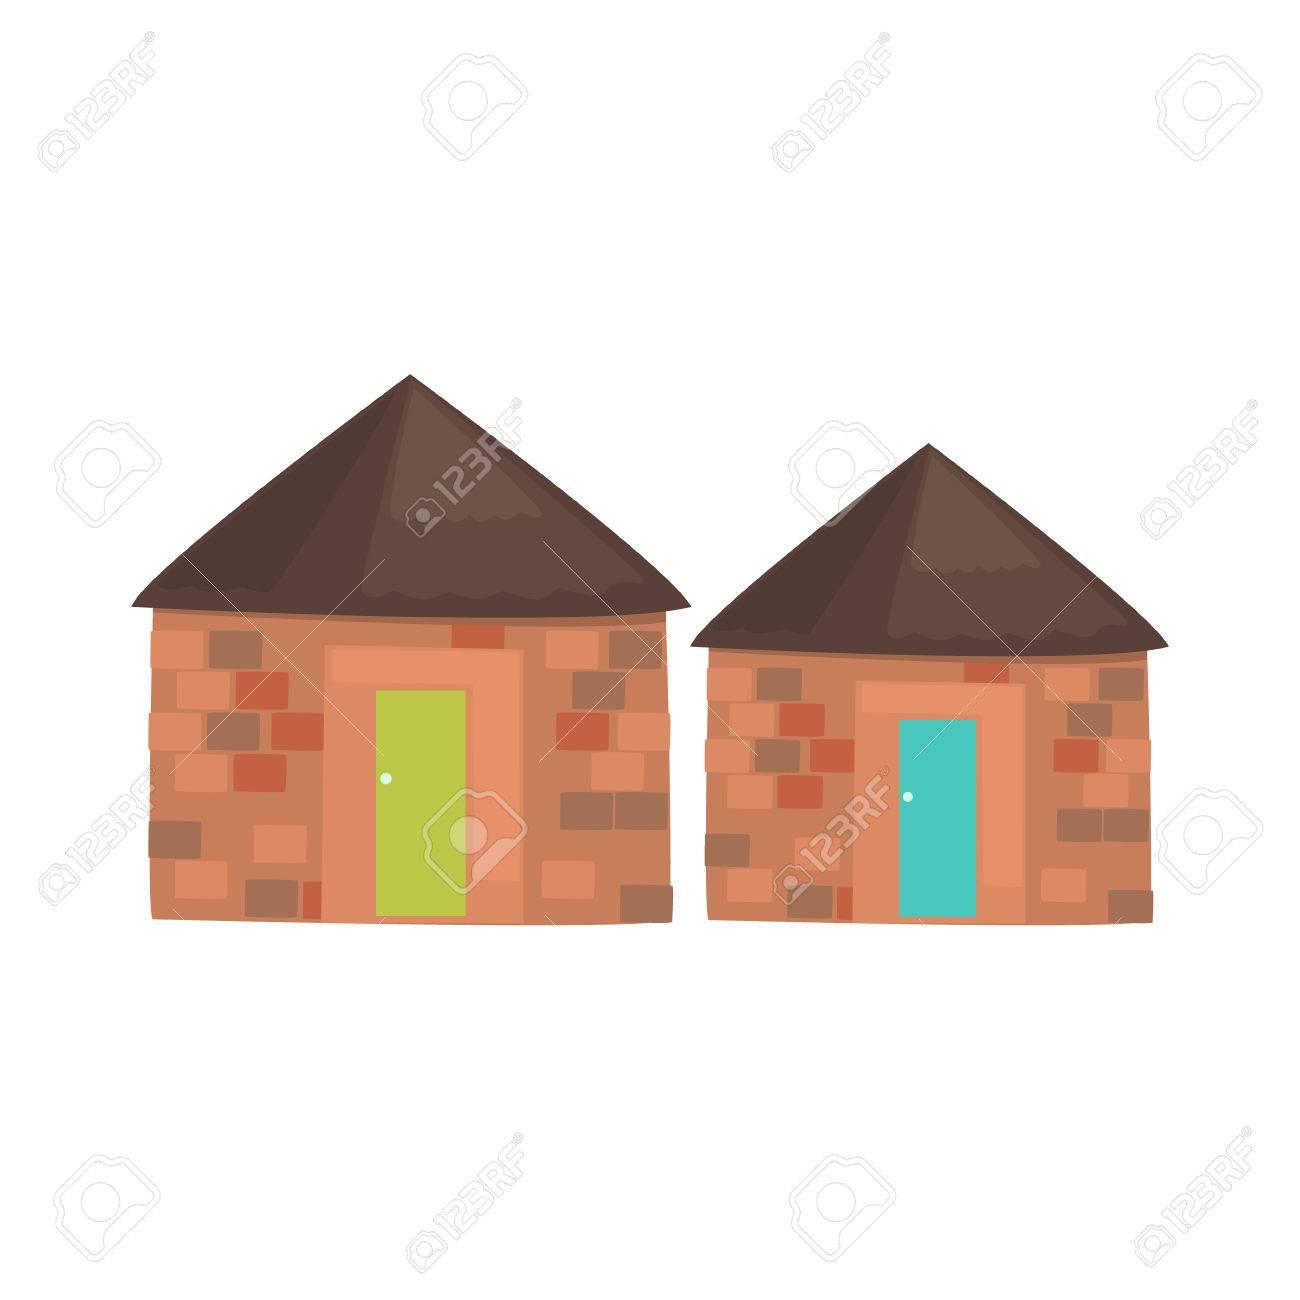 Maisons locales africaines réaliste simplifié brillant vecteur de couleur  Dessin isolé sur fond blanc